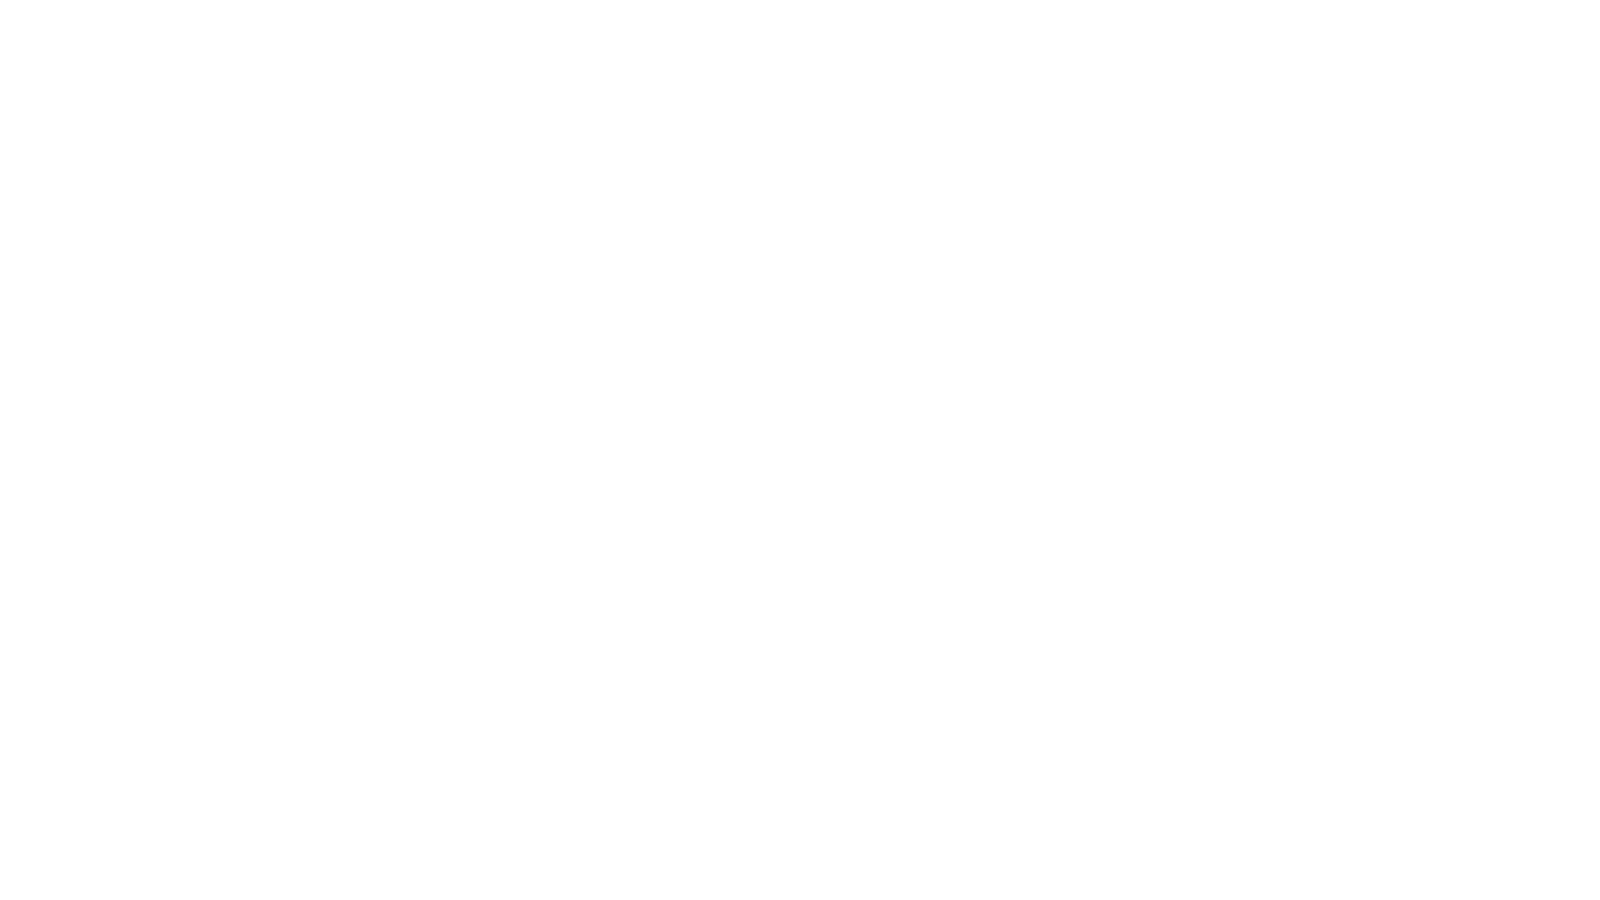 U bent van harte welkom tijdens de kerkdienst. De dienst is tevens vanaf 9.55 uur online mee te beleven via de livestream. Klik hier om de livestream te volgen. De viering is ook later terug te kijken op ons YouTubekanaal, zie bij Actueel, Kerkdiensten online.  Collectes: De eerste collecte is bestemd voor de Doopsgezinde Zending. De tweede collecte is bestemd voor het werk van de Gemeente.